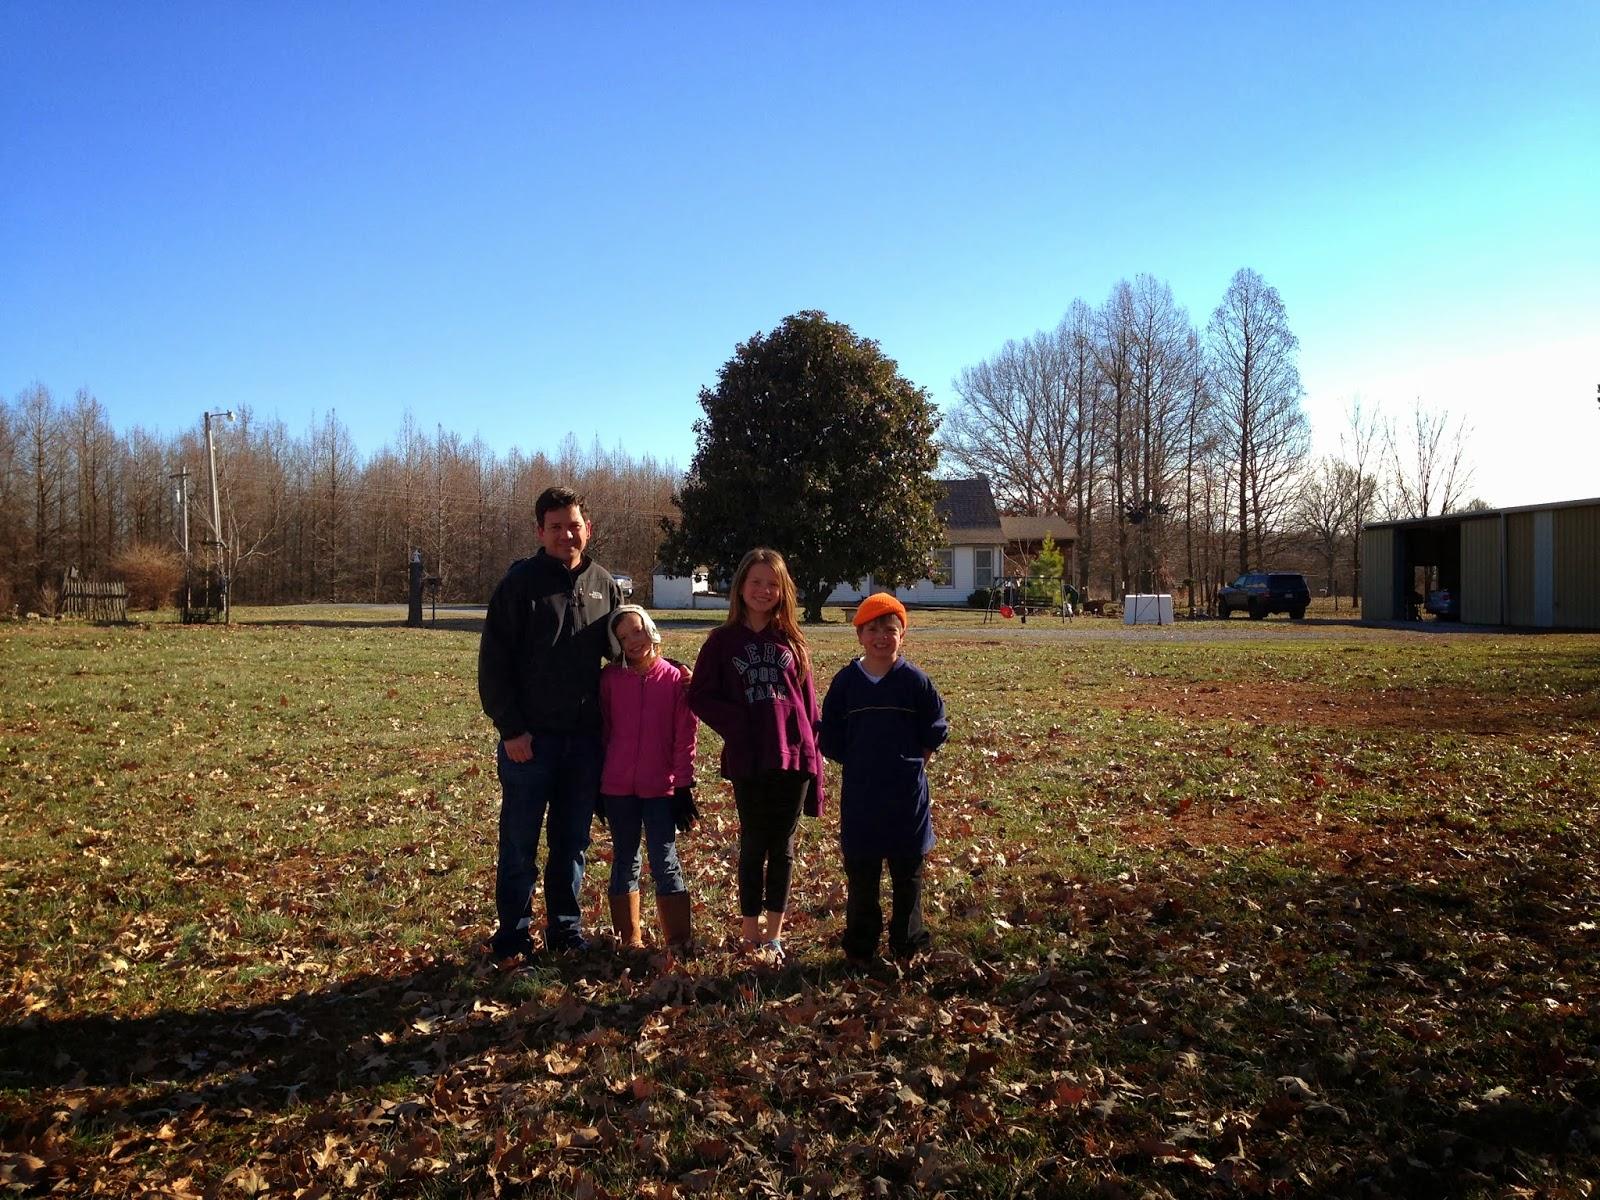 farm, illinois, family smiling